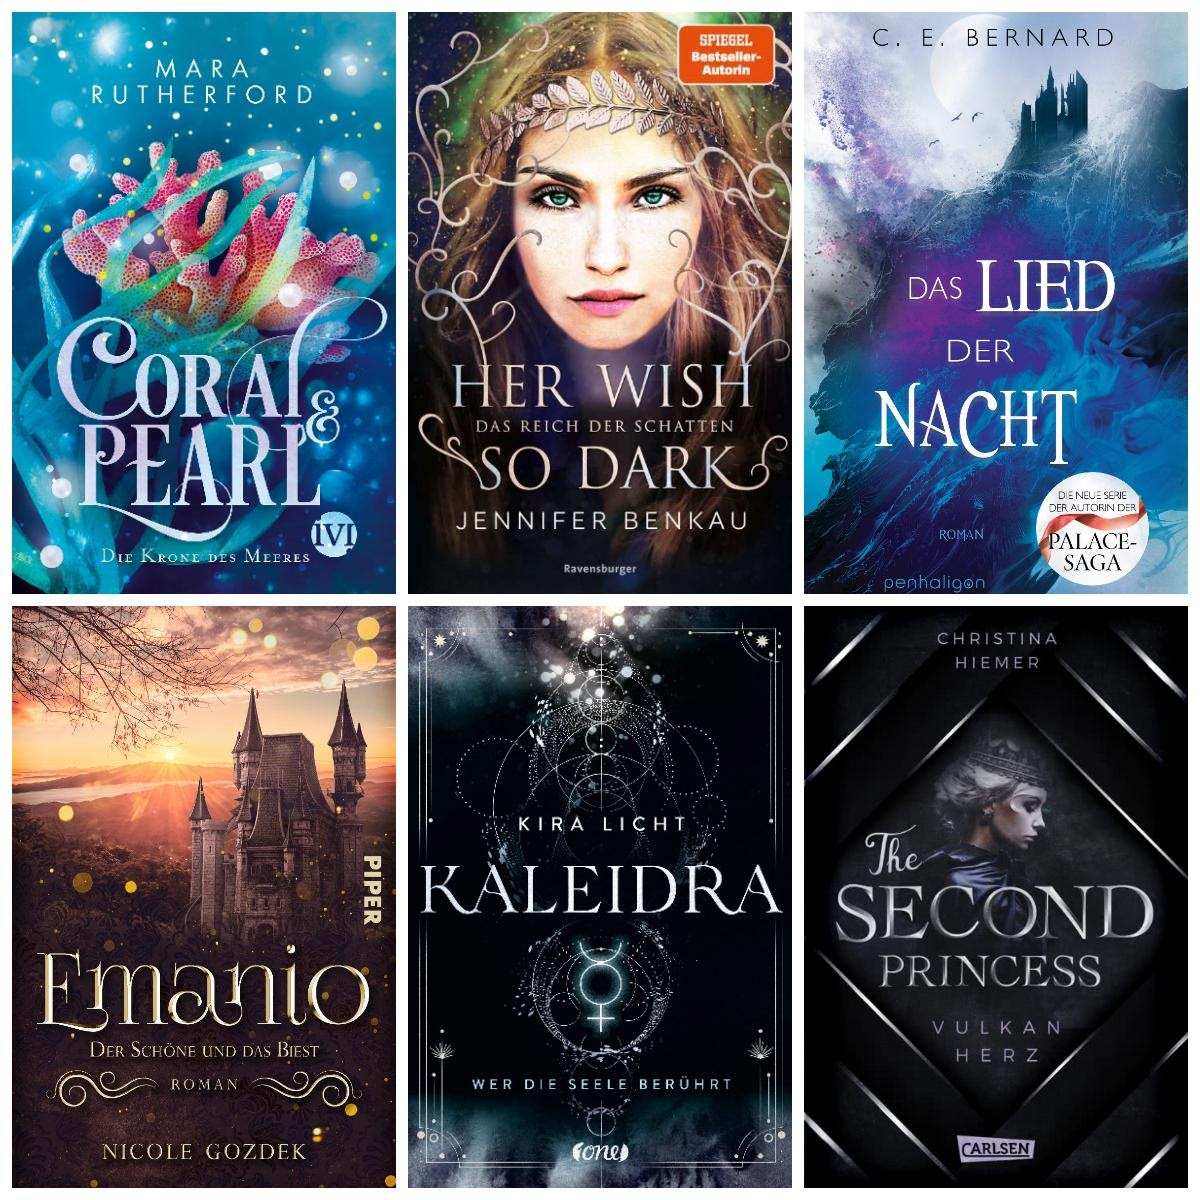 Bücherblog. Neuerscheinungen. Jugendbuch. Fantasy. März 2021.